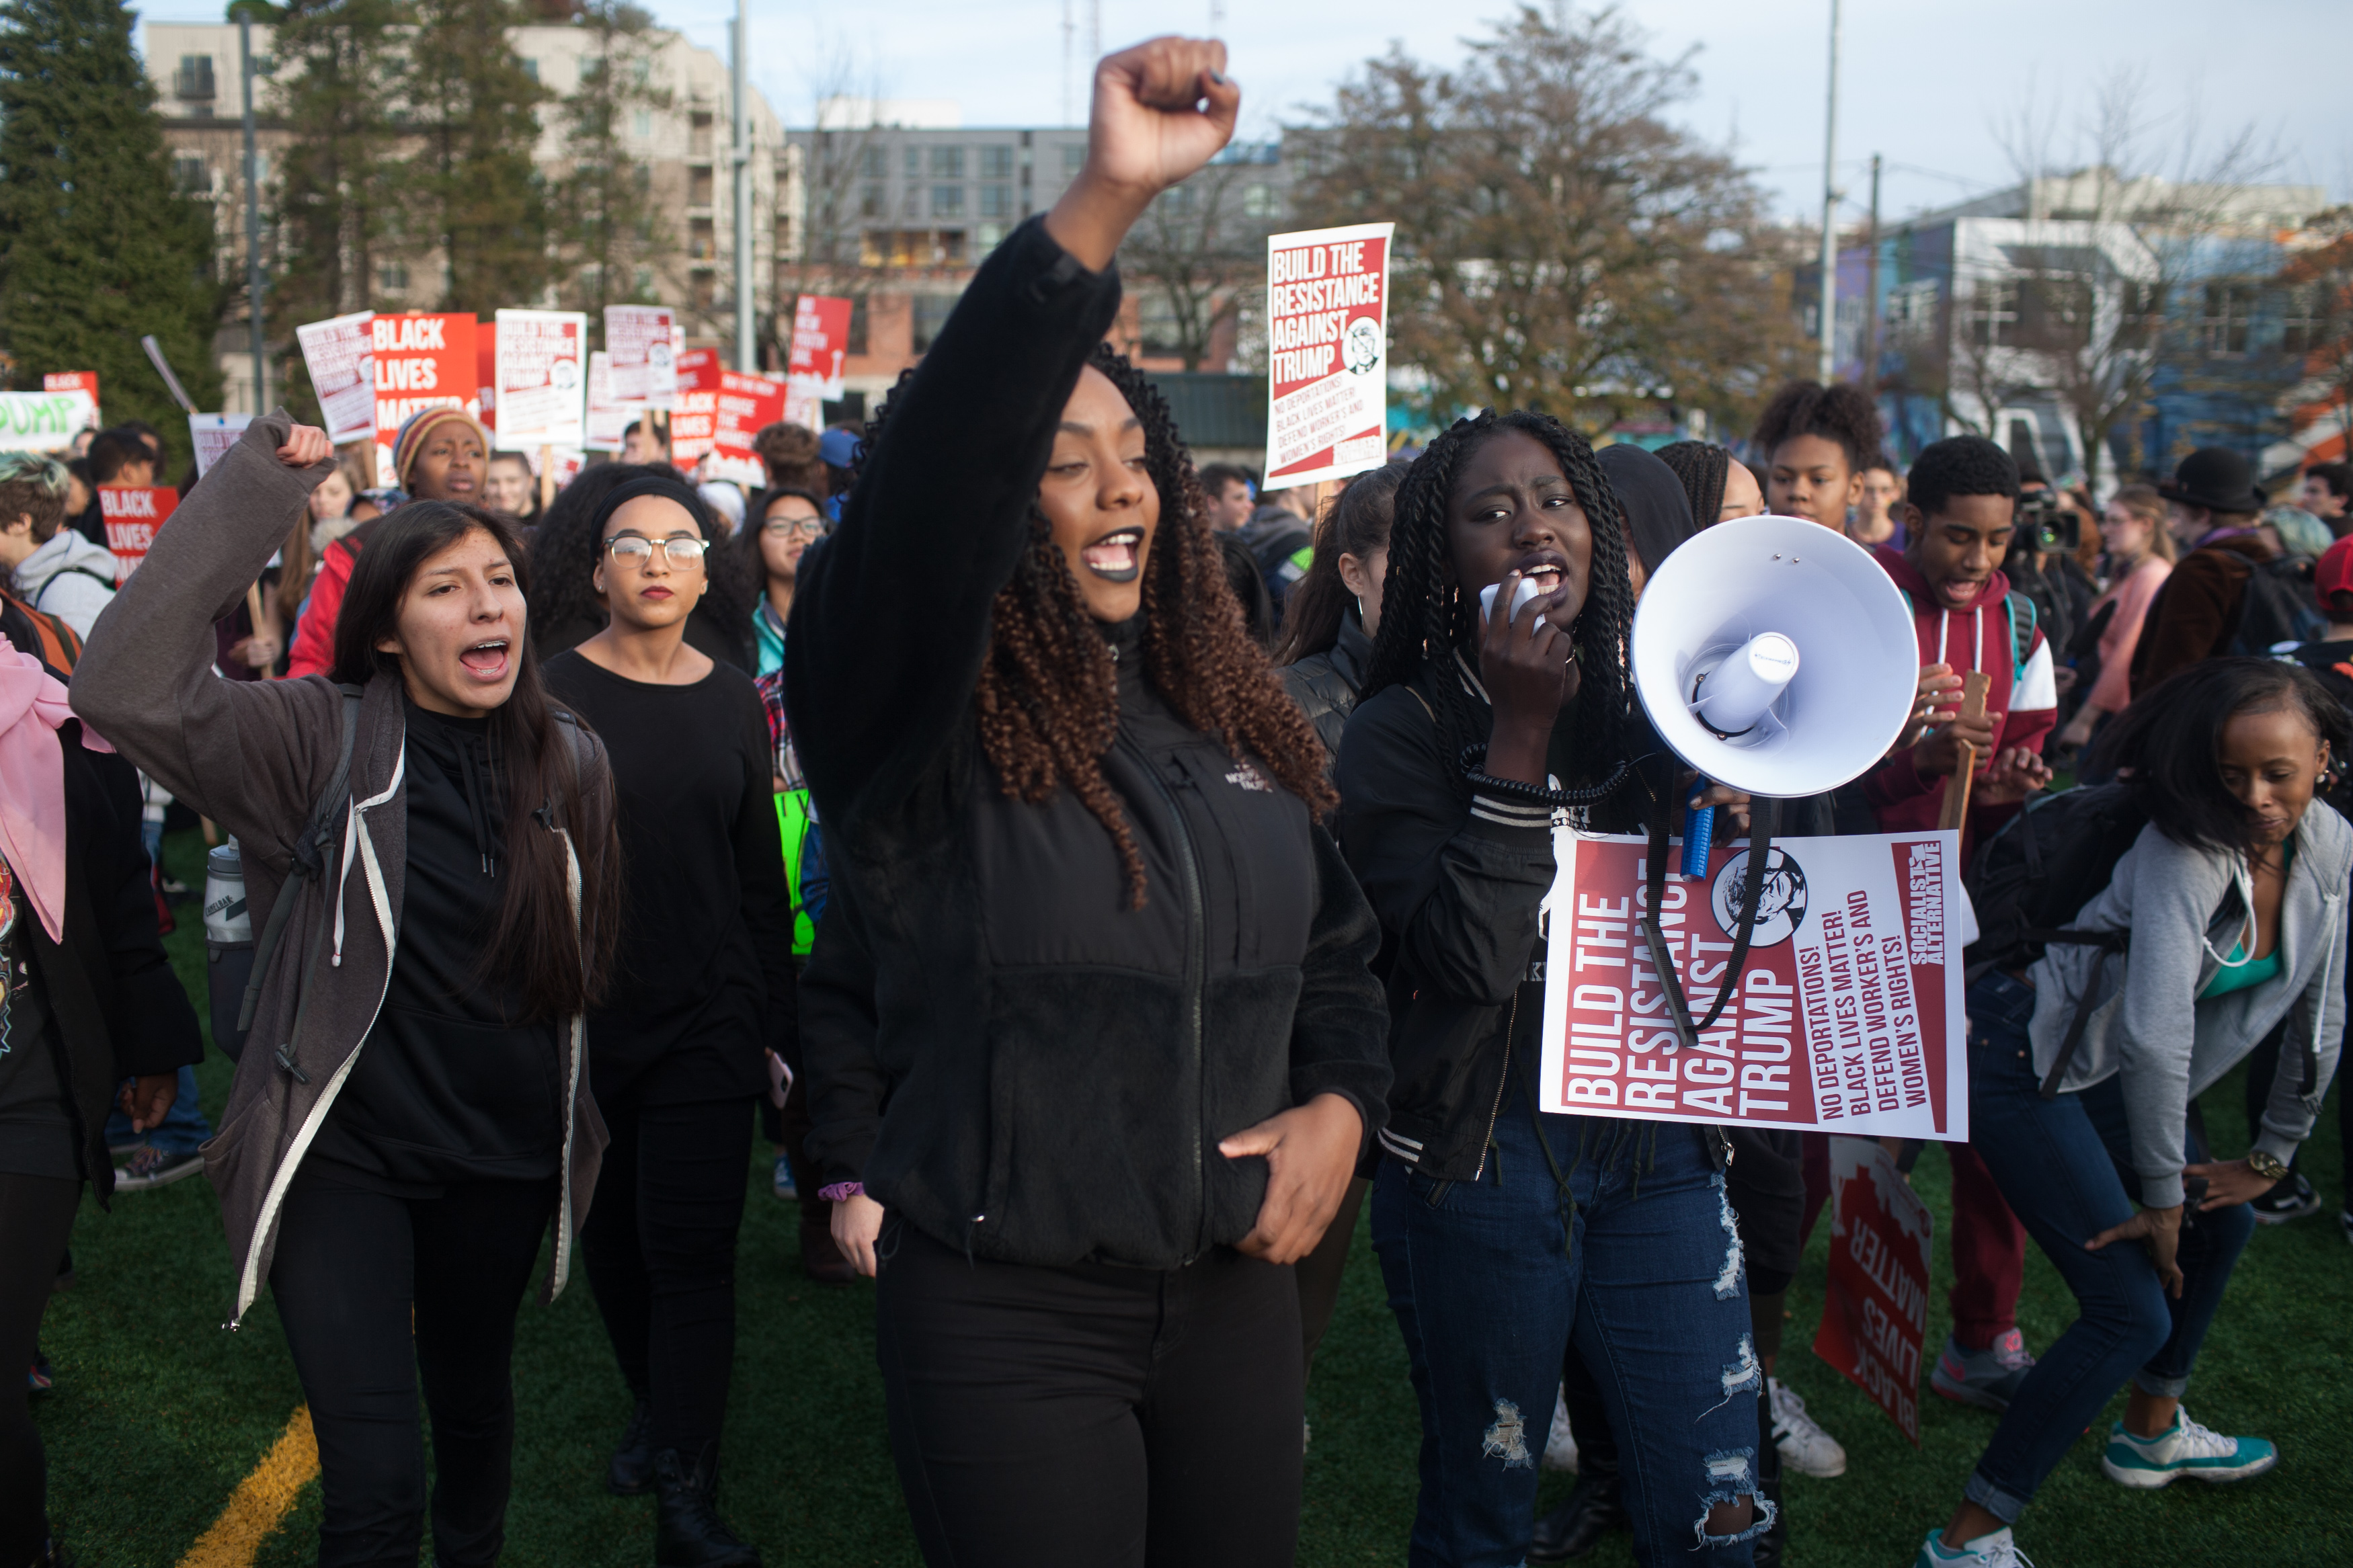 Протесты в США против избрания Дональда Трампа президентом. Фото: EPA/MATT MILLS MCKNIGHT